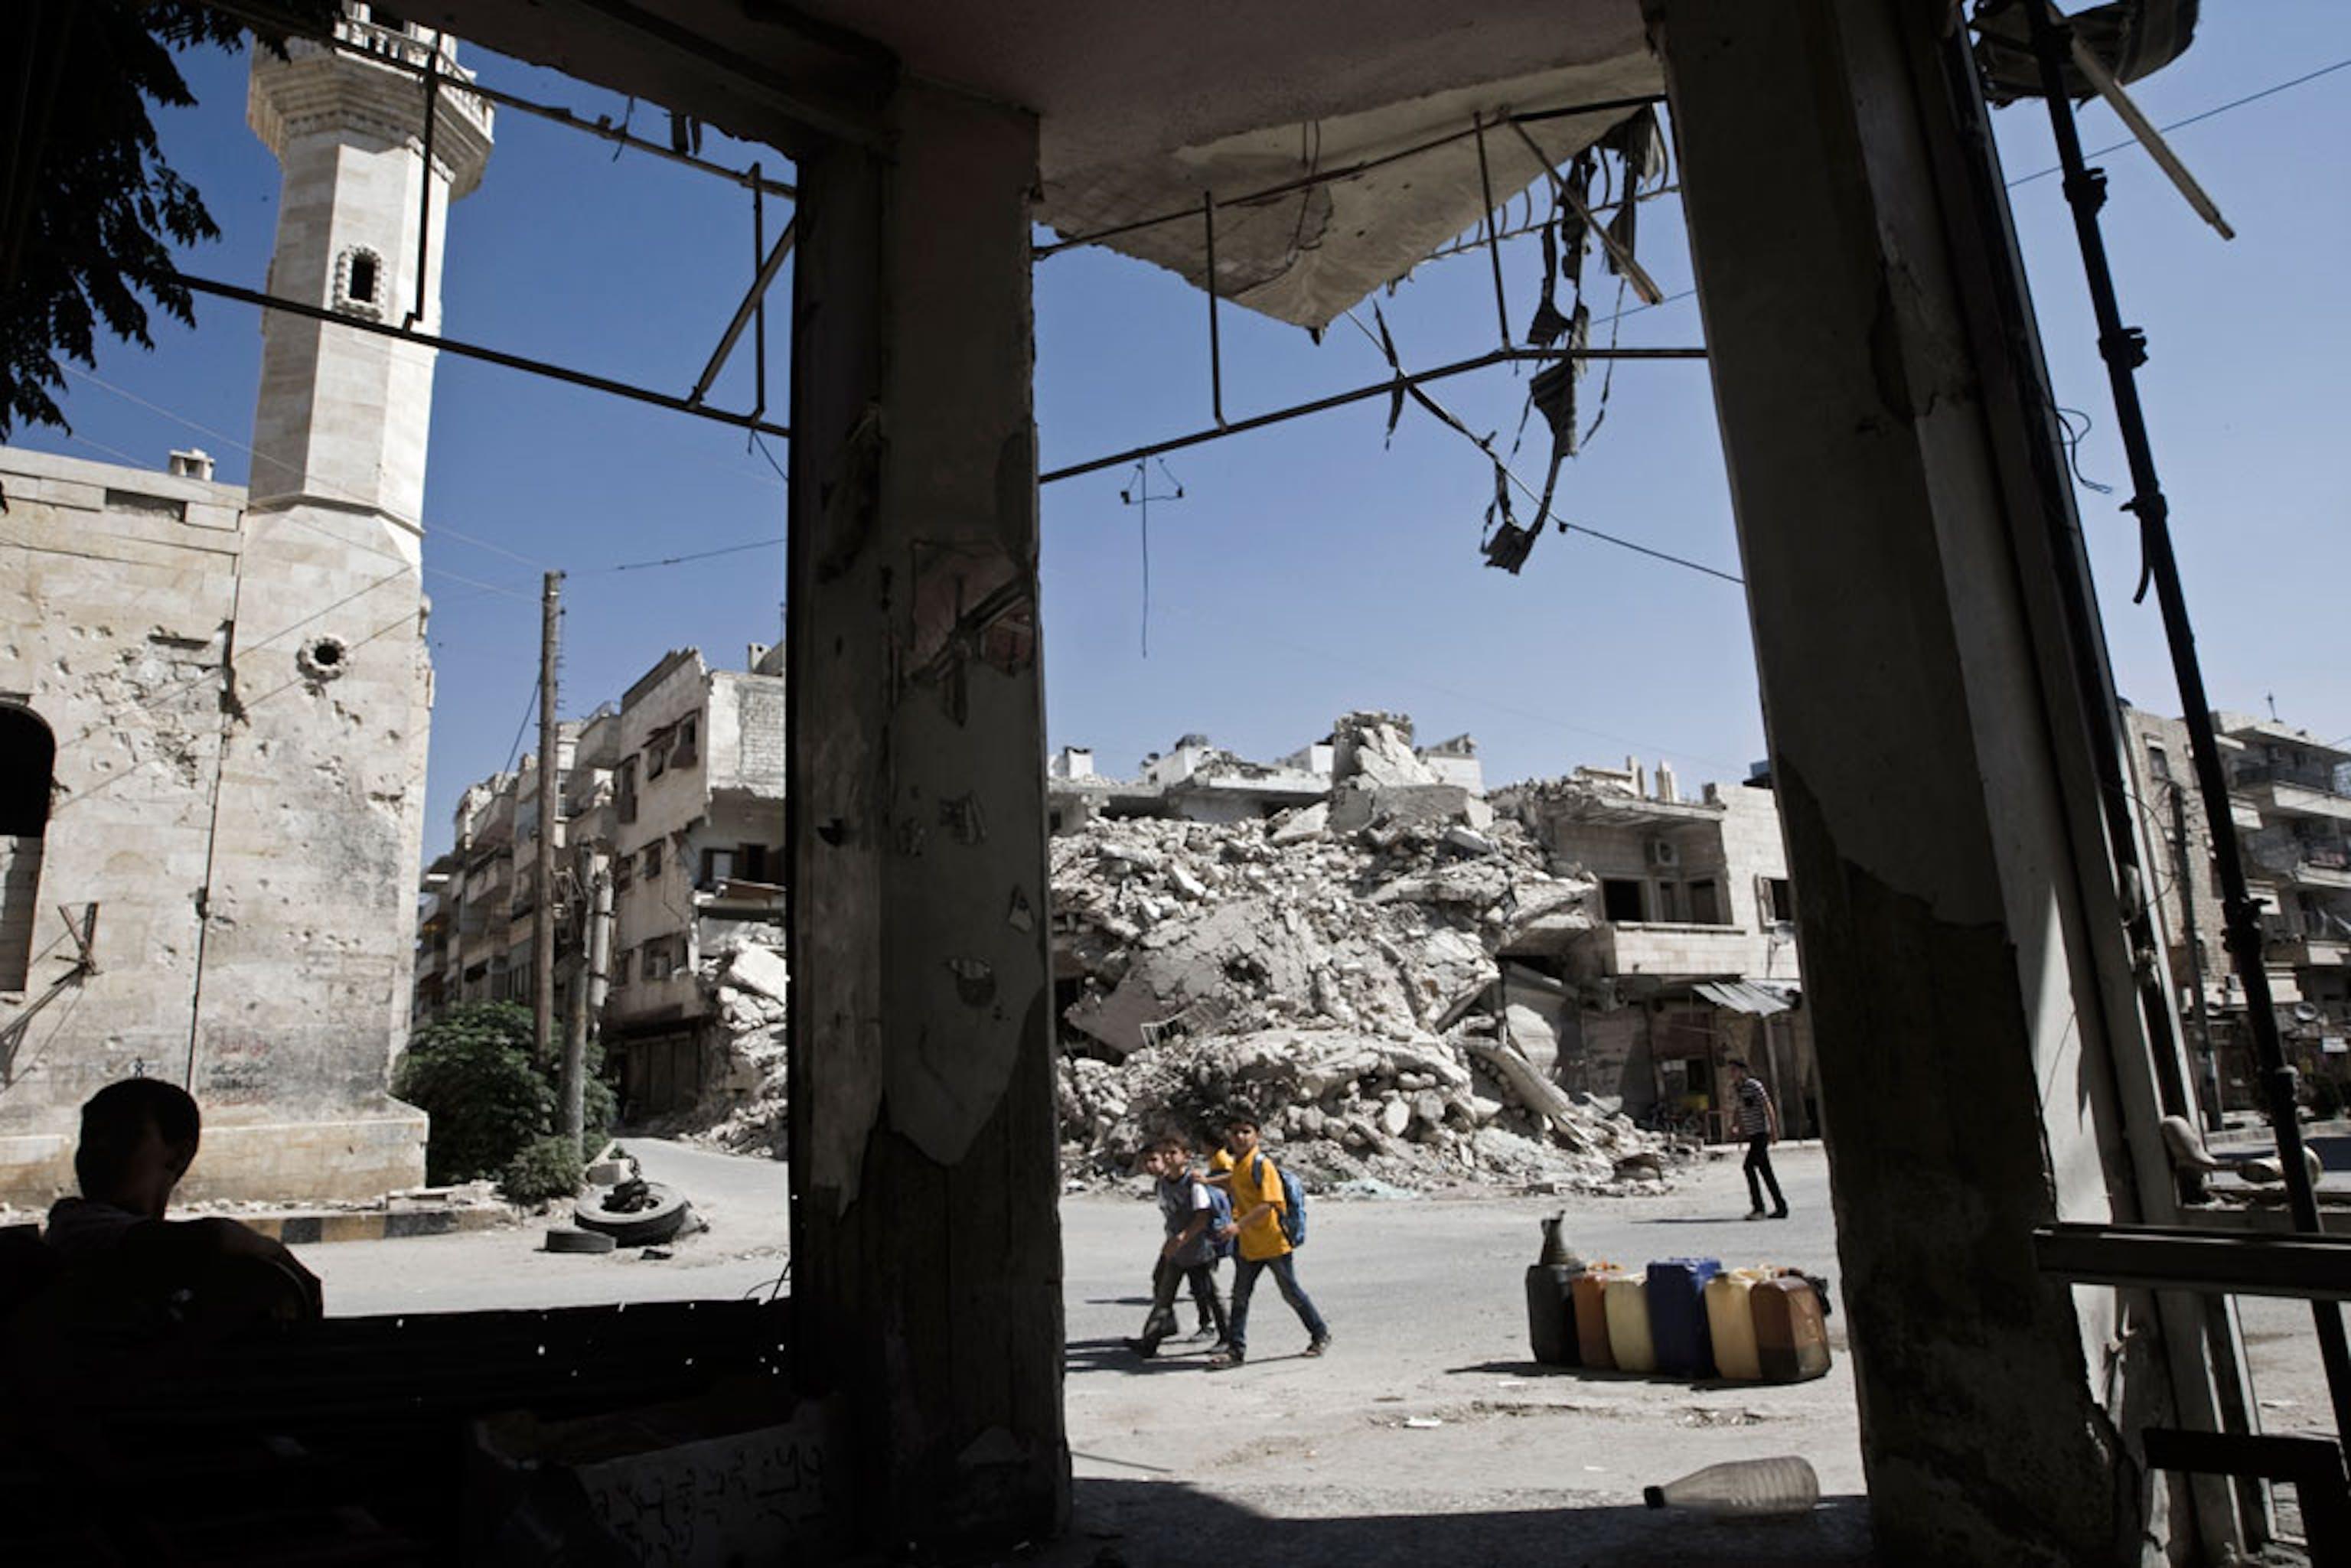 Edifici distrutti in una cittadina del governatorato di Idlib, nel nord-ovest della Siria - ©UNICEF/Giovanni Diffidenti